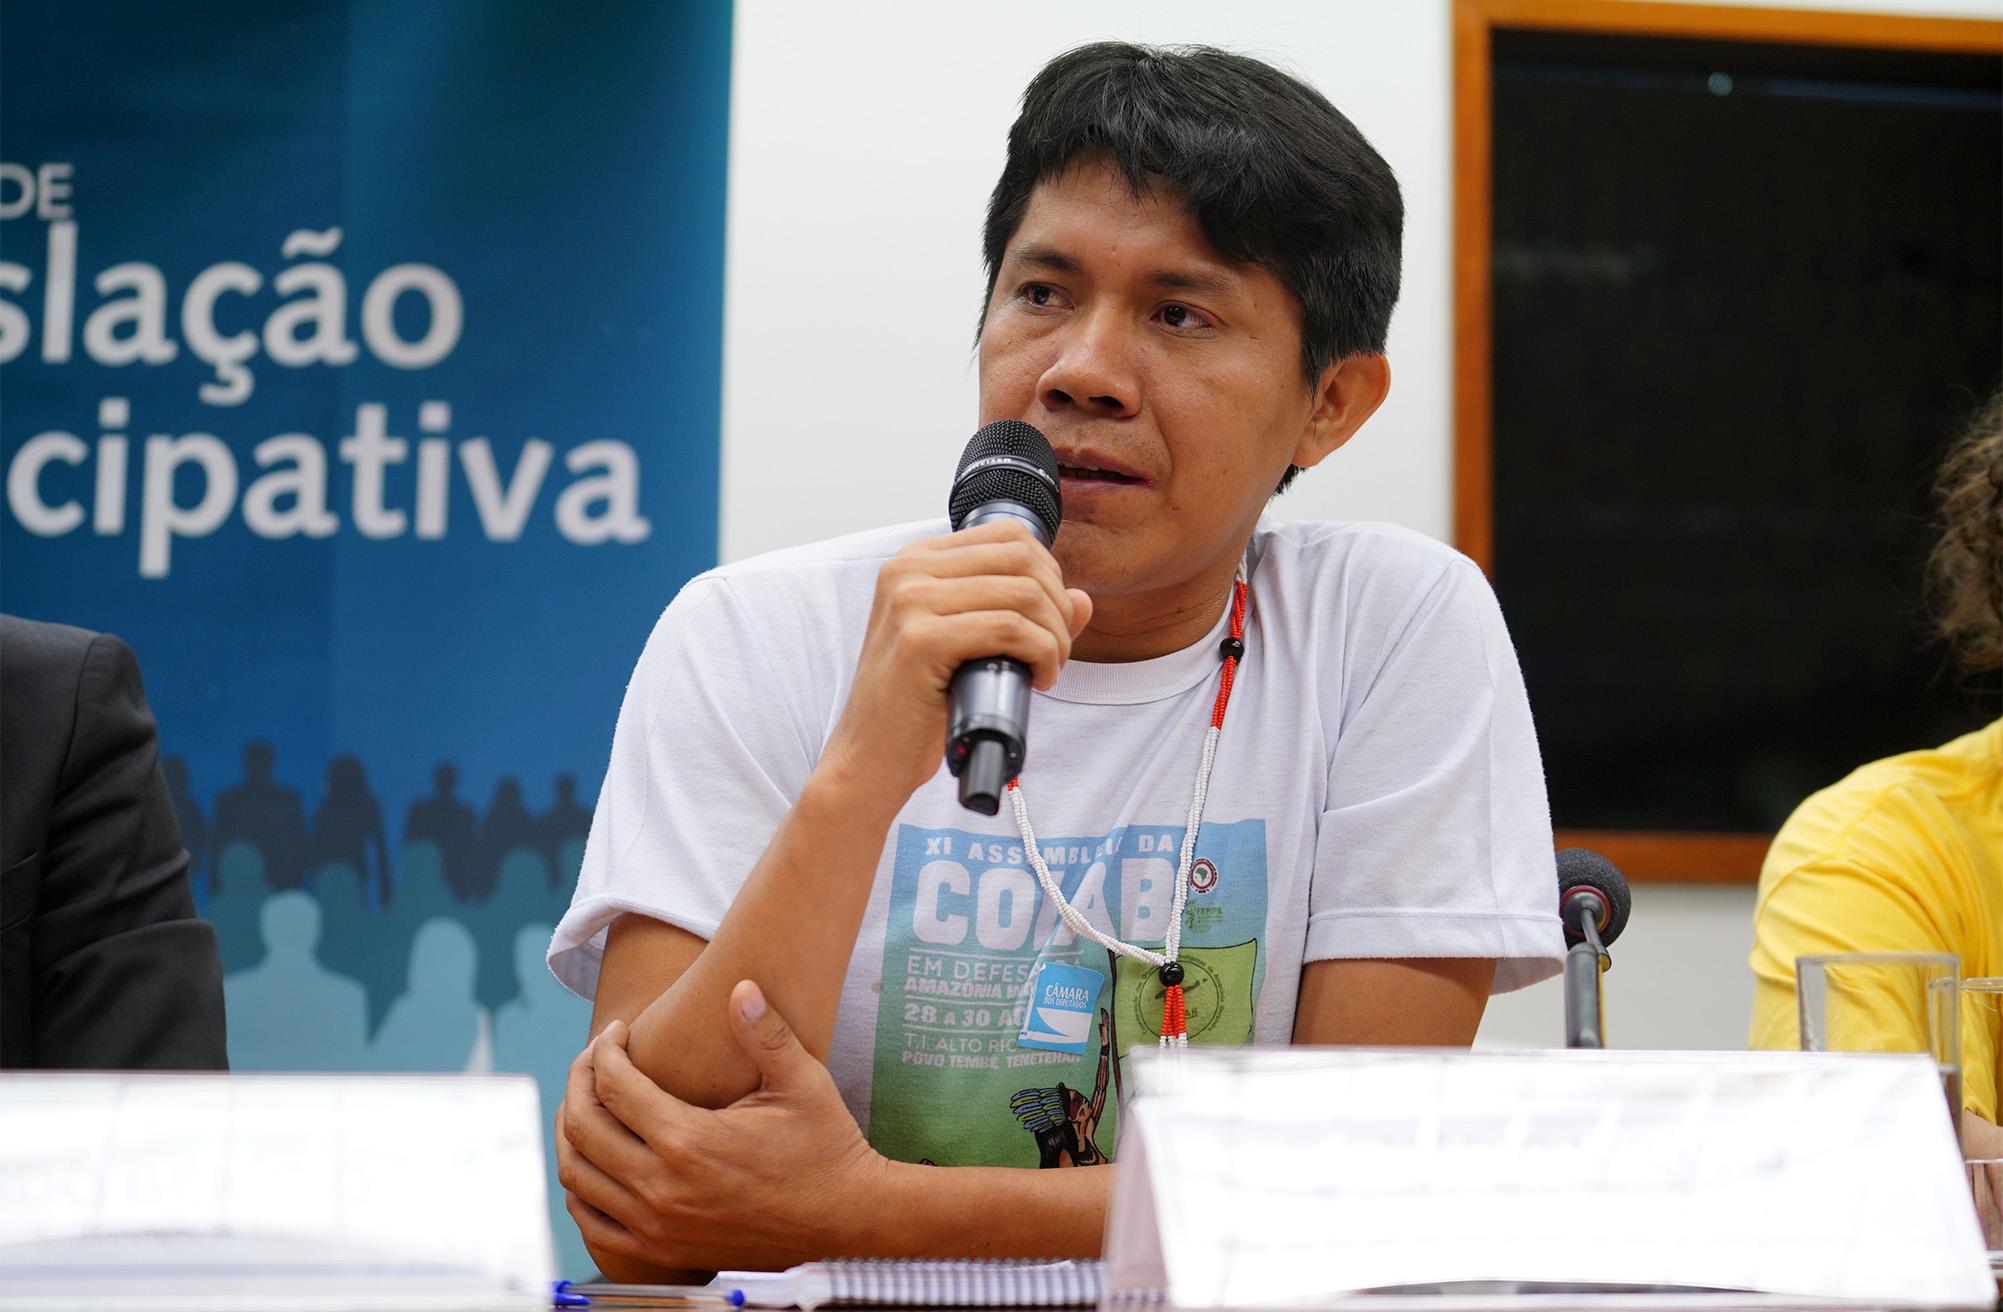 Audiência pública em comemoração aos 10 Anos da Lei de Cotas. Vice-Coordenador das Organizações Indígenas da Amazônia Brasileira - COIAB, Mário Nicácio